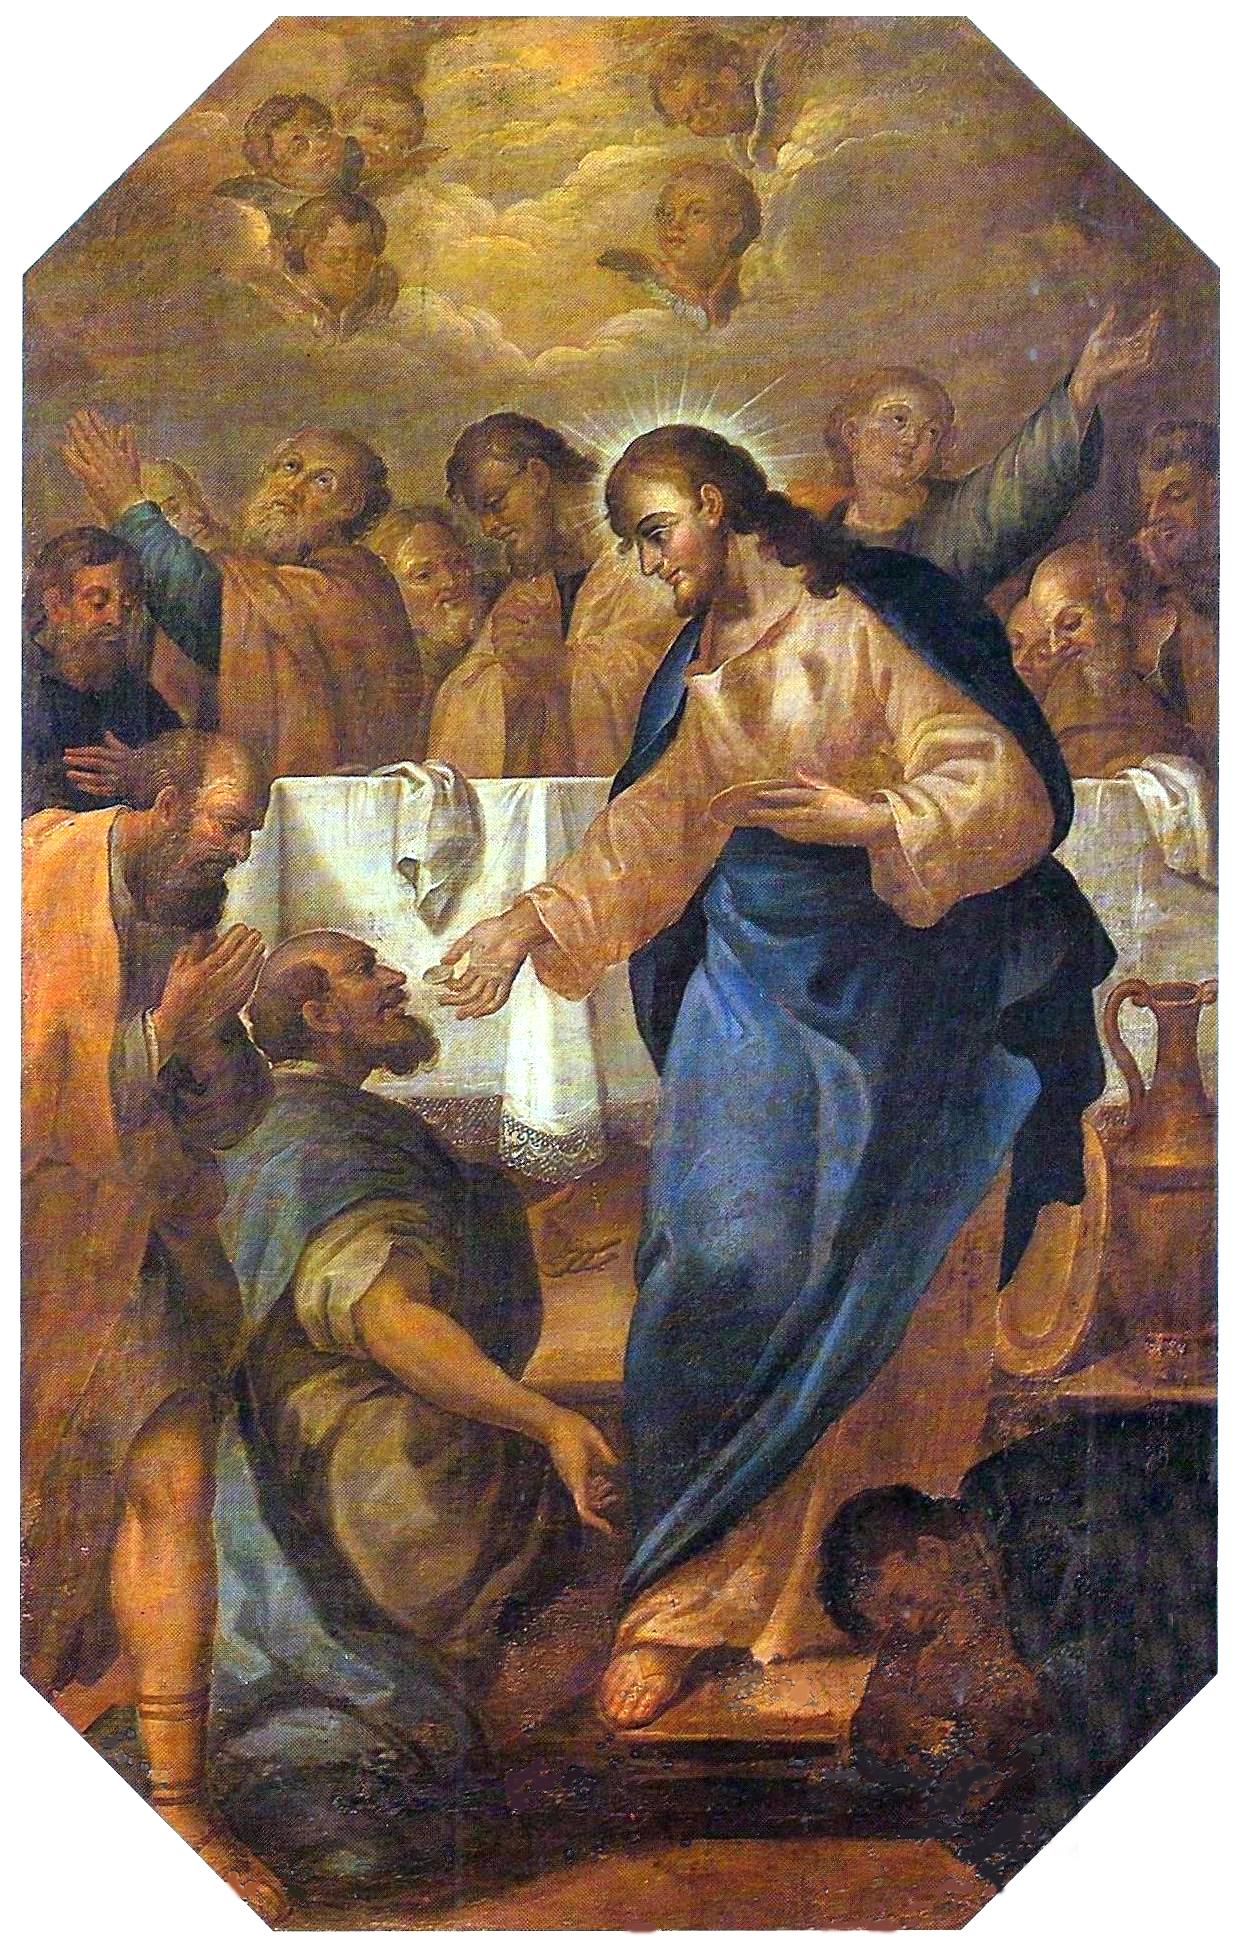 josé teófilo de jesus \u2013 wikipédia, a enciclopédia livrejosé teófilo de jesus